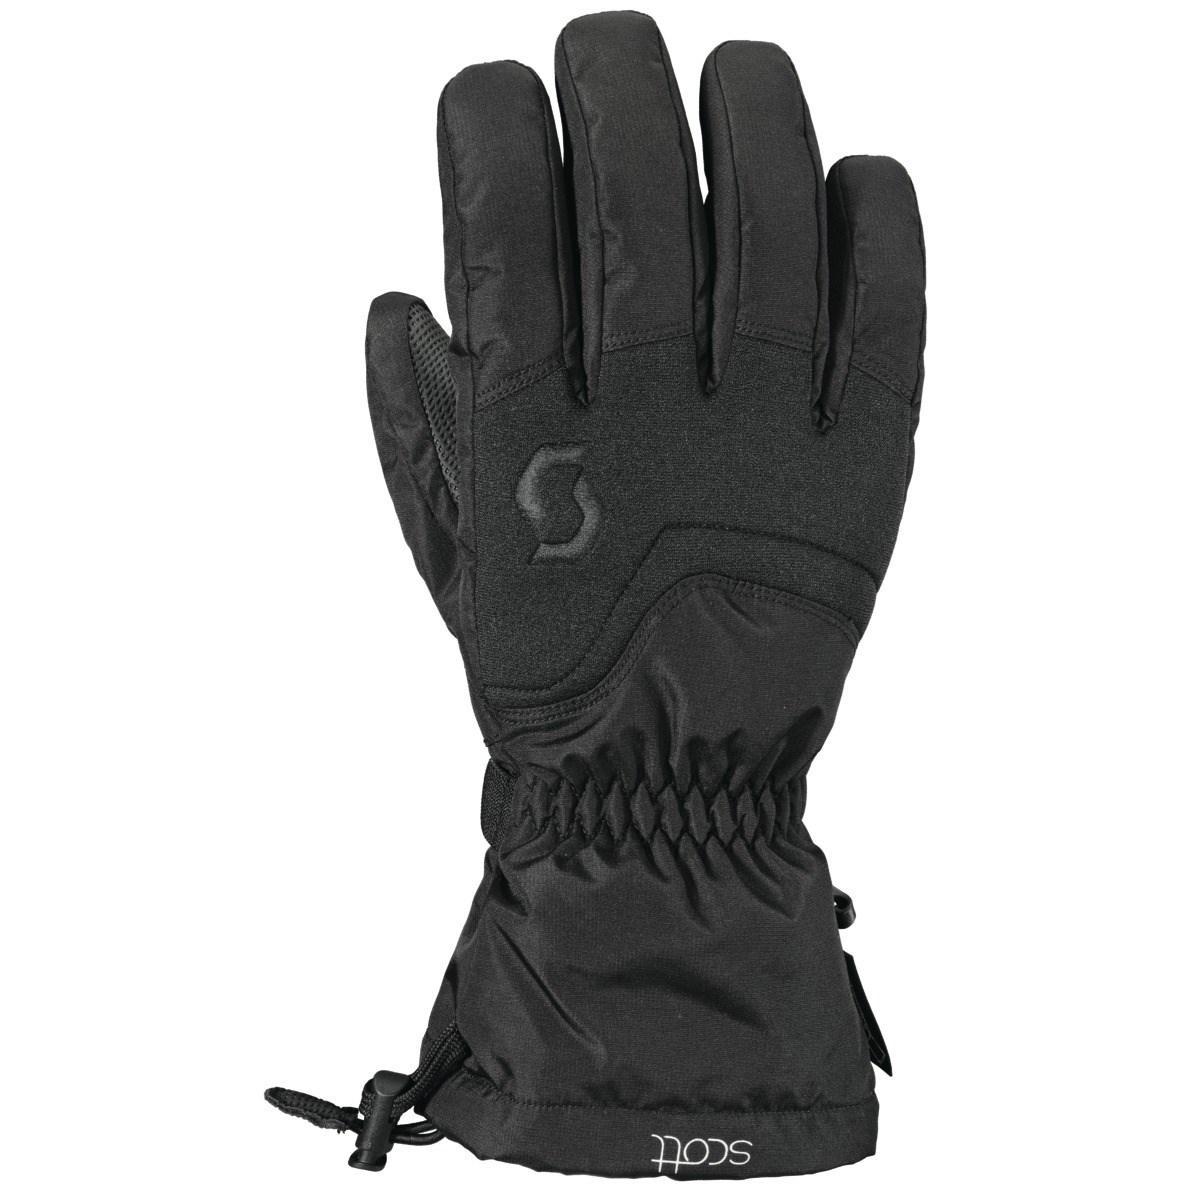 c93a7da32 Scott Ultimate GTX Womens Ski Gloves in Black